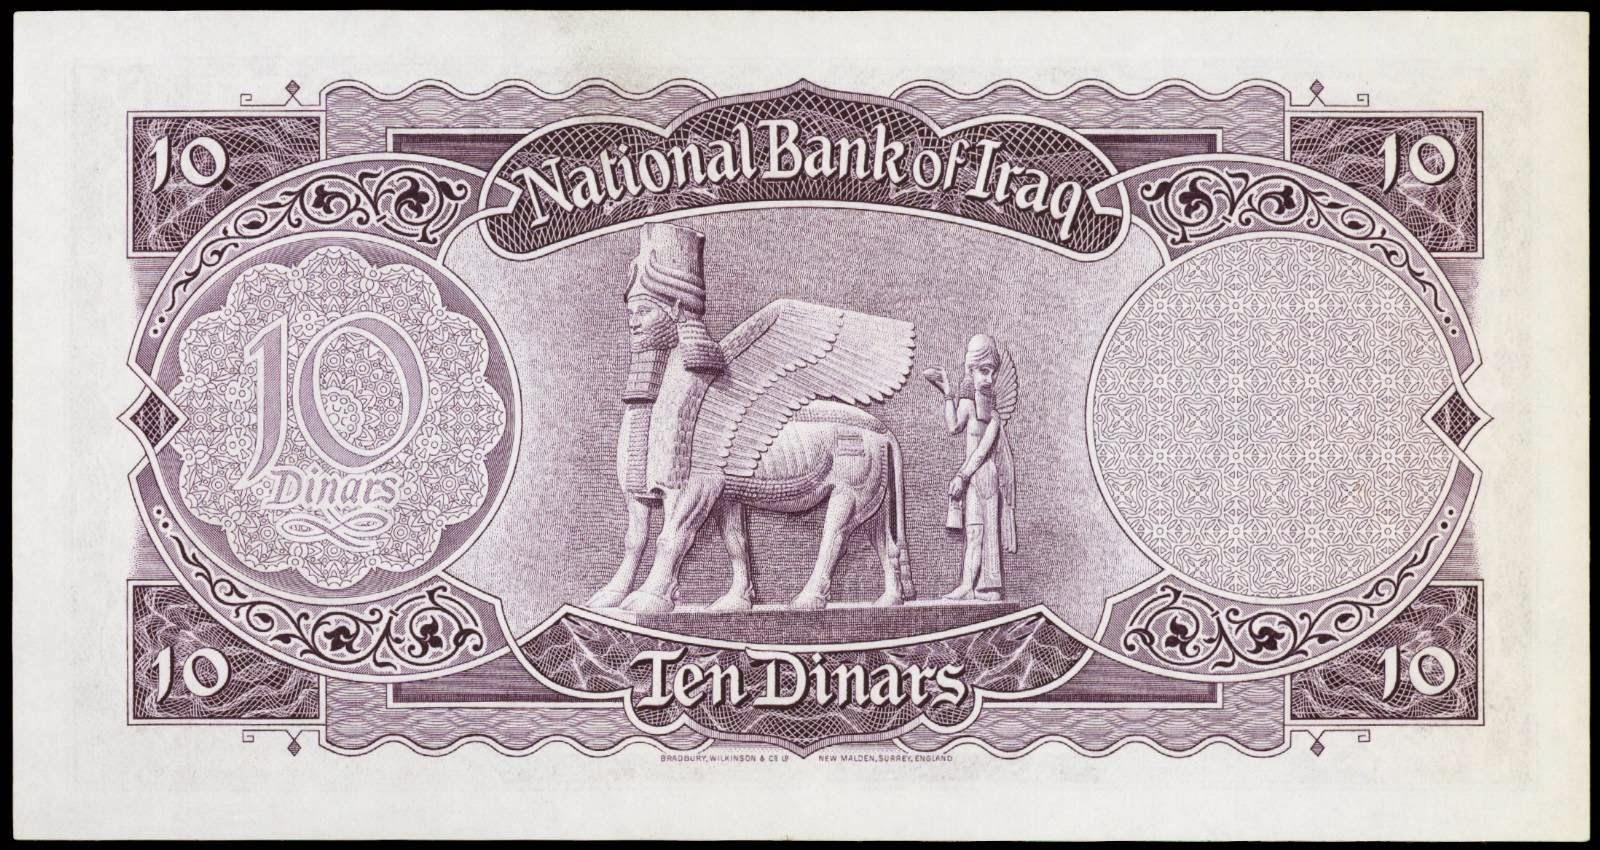 Iraq 10 Dinars banknote